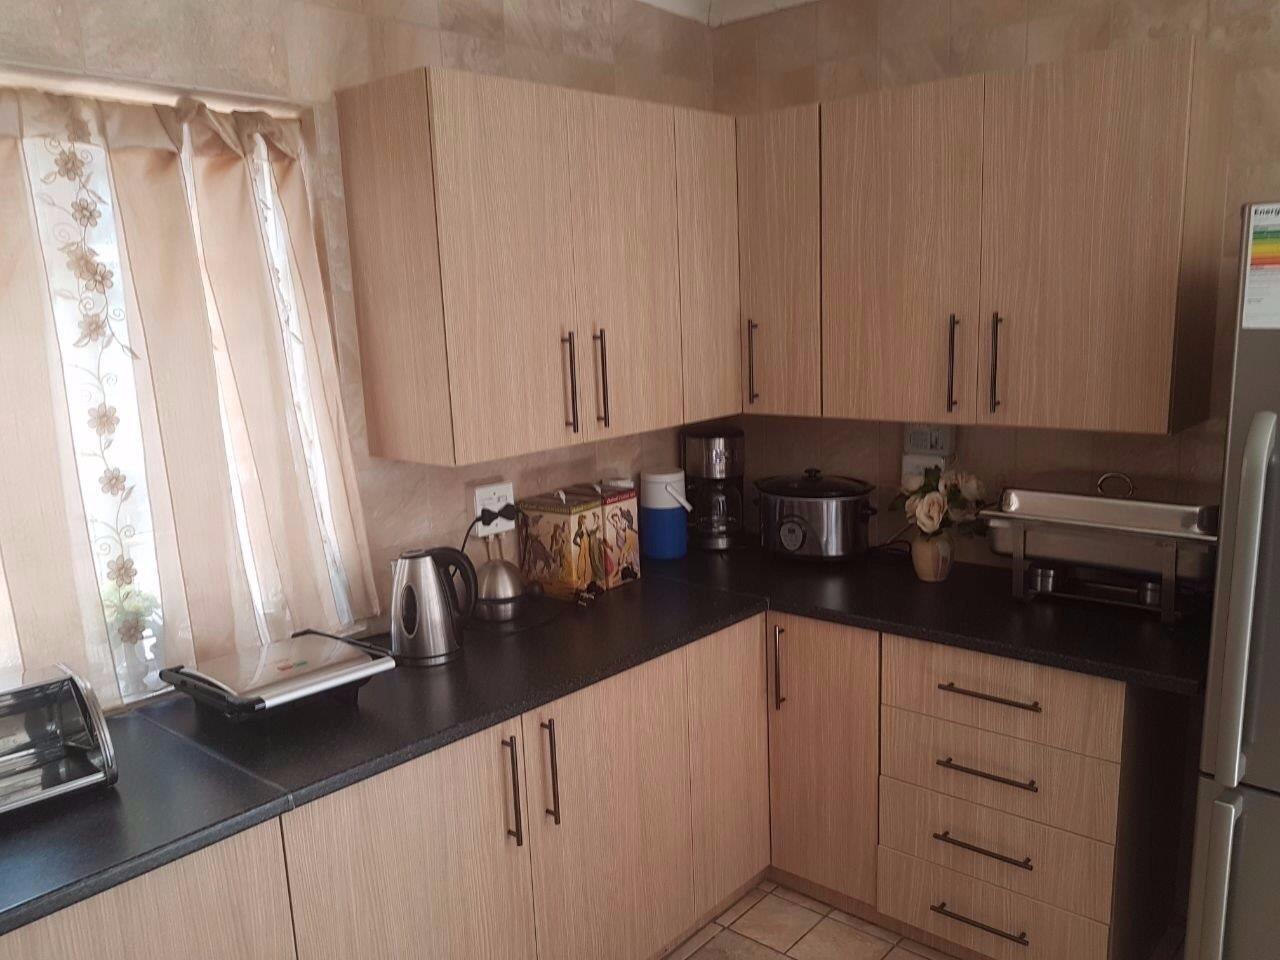 Pretoria North property for sale. Ref No: 13566745. Picture no 5